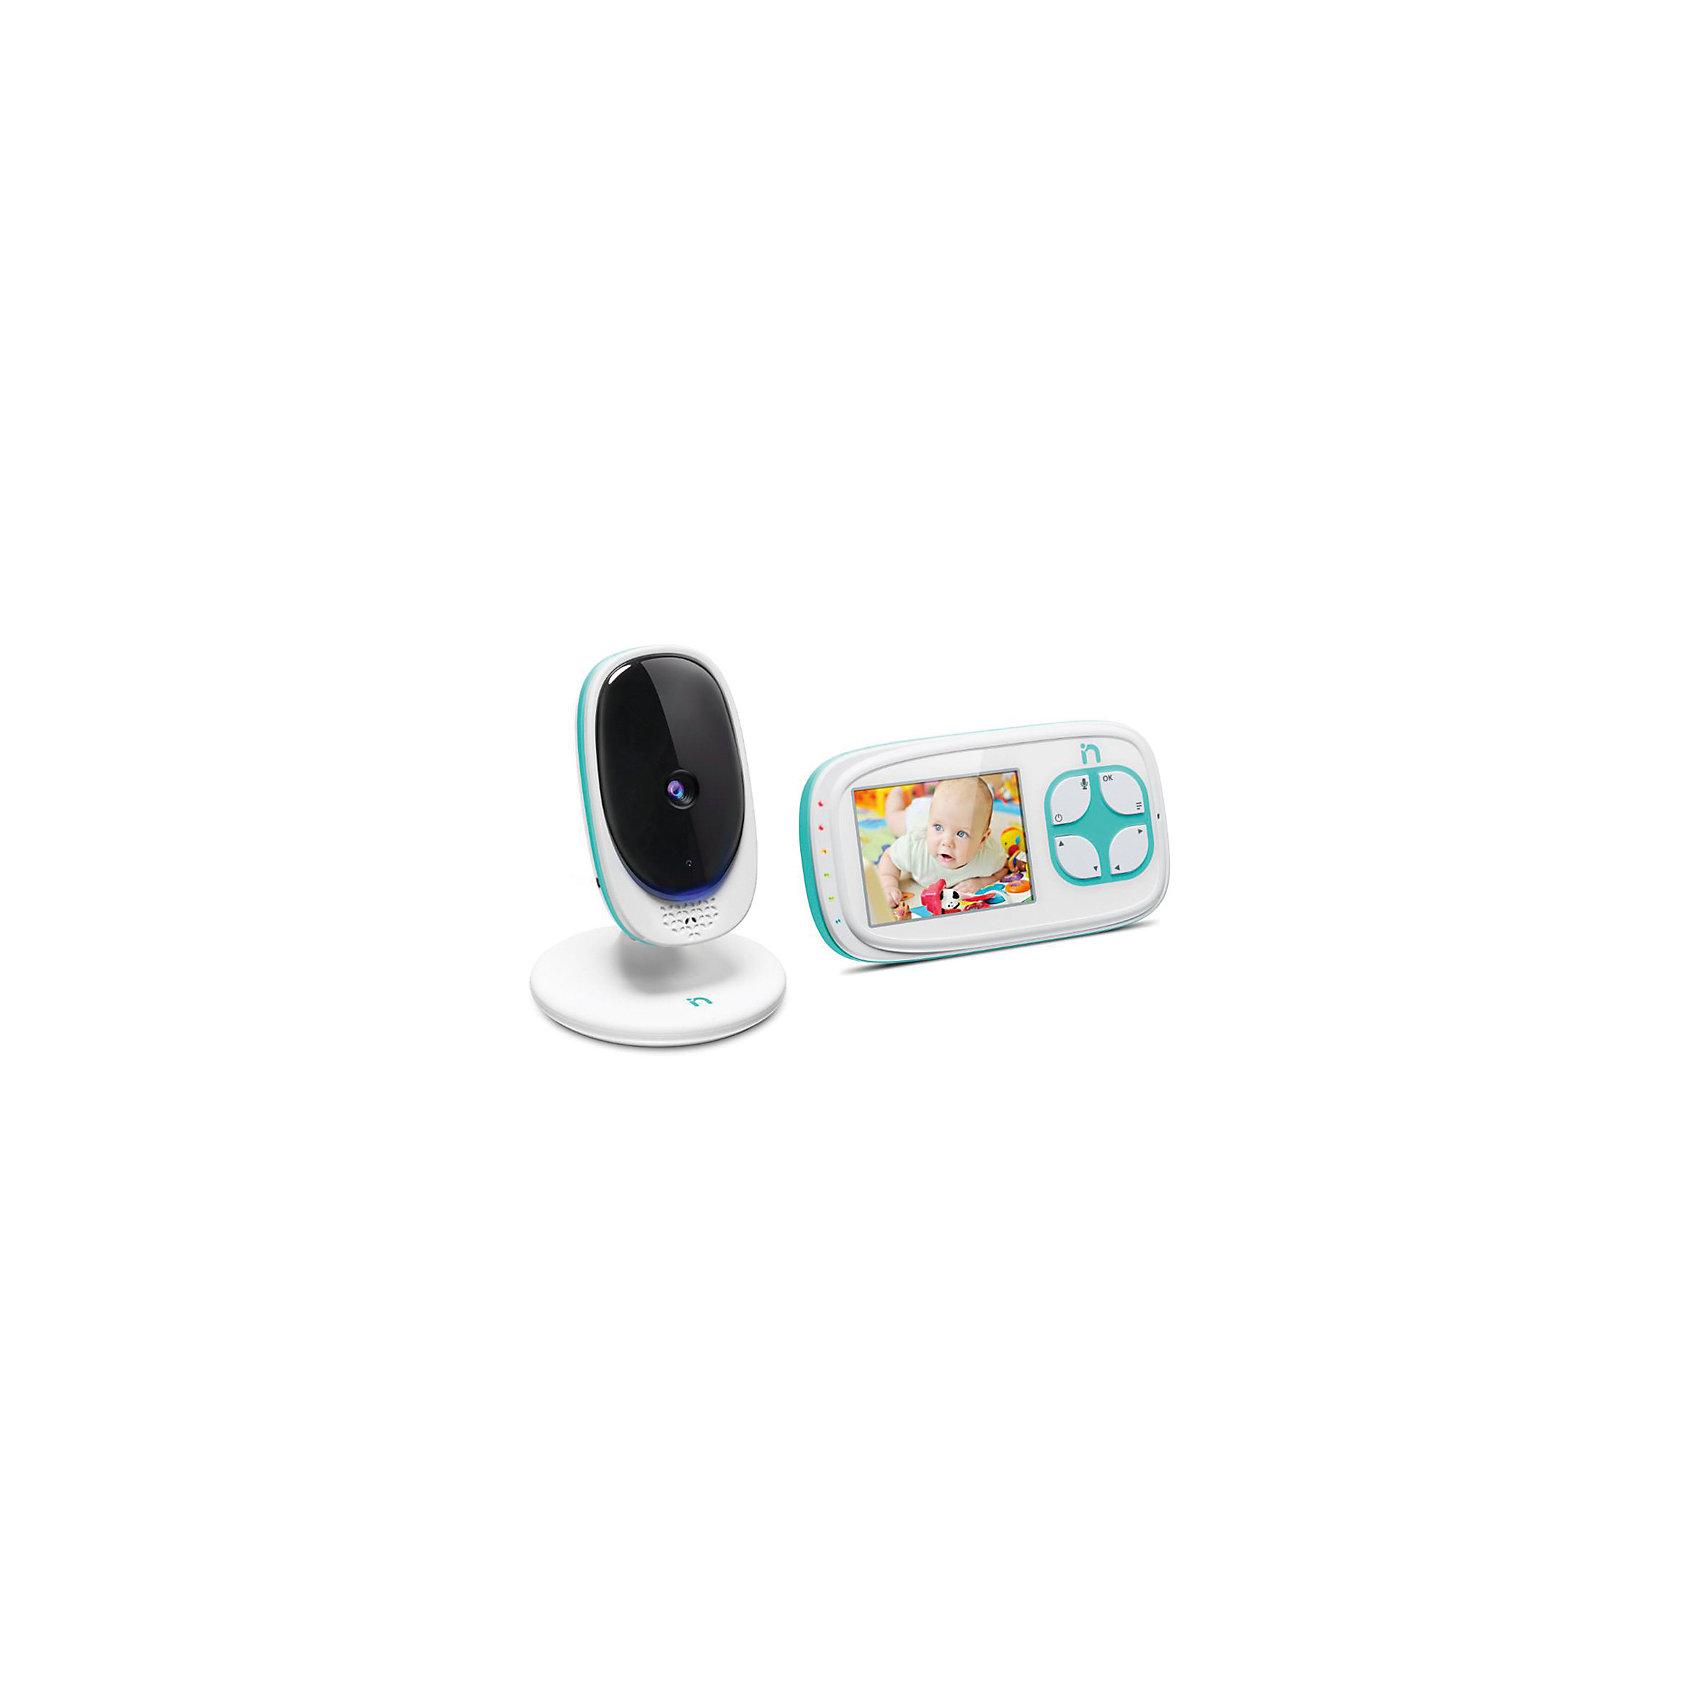 """Видеоняня с LCD дисплеем 2,8'' iNanny, цифроваяДетская бытовая техника<br>Жидкокристаллический дисплей 2,8"""" с разрешением 320x240 пикселей. Камера может работает от батареек (до 2 часов непрерывной работы). Двухсторонняя связь. 5 колыбельных мелодий. Световой индикатор шума. Функция ночного видения. Возможность подключения до 4 камер одновременно. Кристально чистый звук. Цветная передача изображения в высоком качестве. Частота: 2,4 Ггц. Радиус действия: 300 метров<br><br>Ширина мм: 225<br>Глубина мм: 150<br>Высота мм: 100<br>Вес г: 570<br>Возраст от месяцев: 0<br>Возраст до месяцев: 24<br>Пол: Унисекс<br>Возраст: Детский<br>SKU: 6875625"""